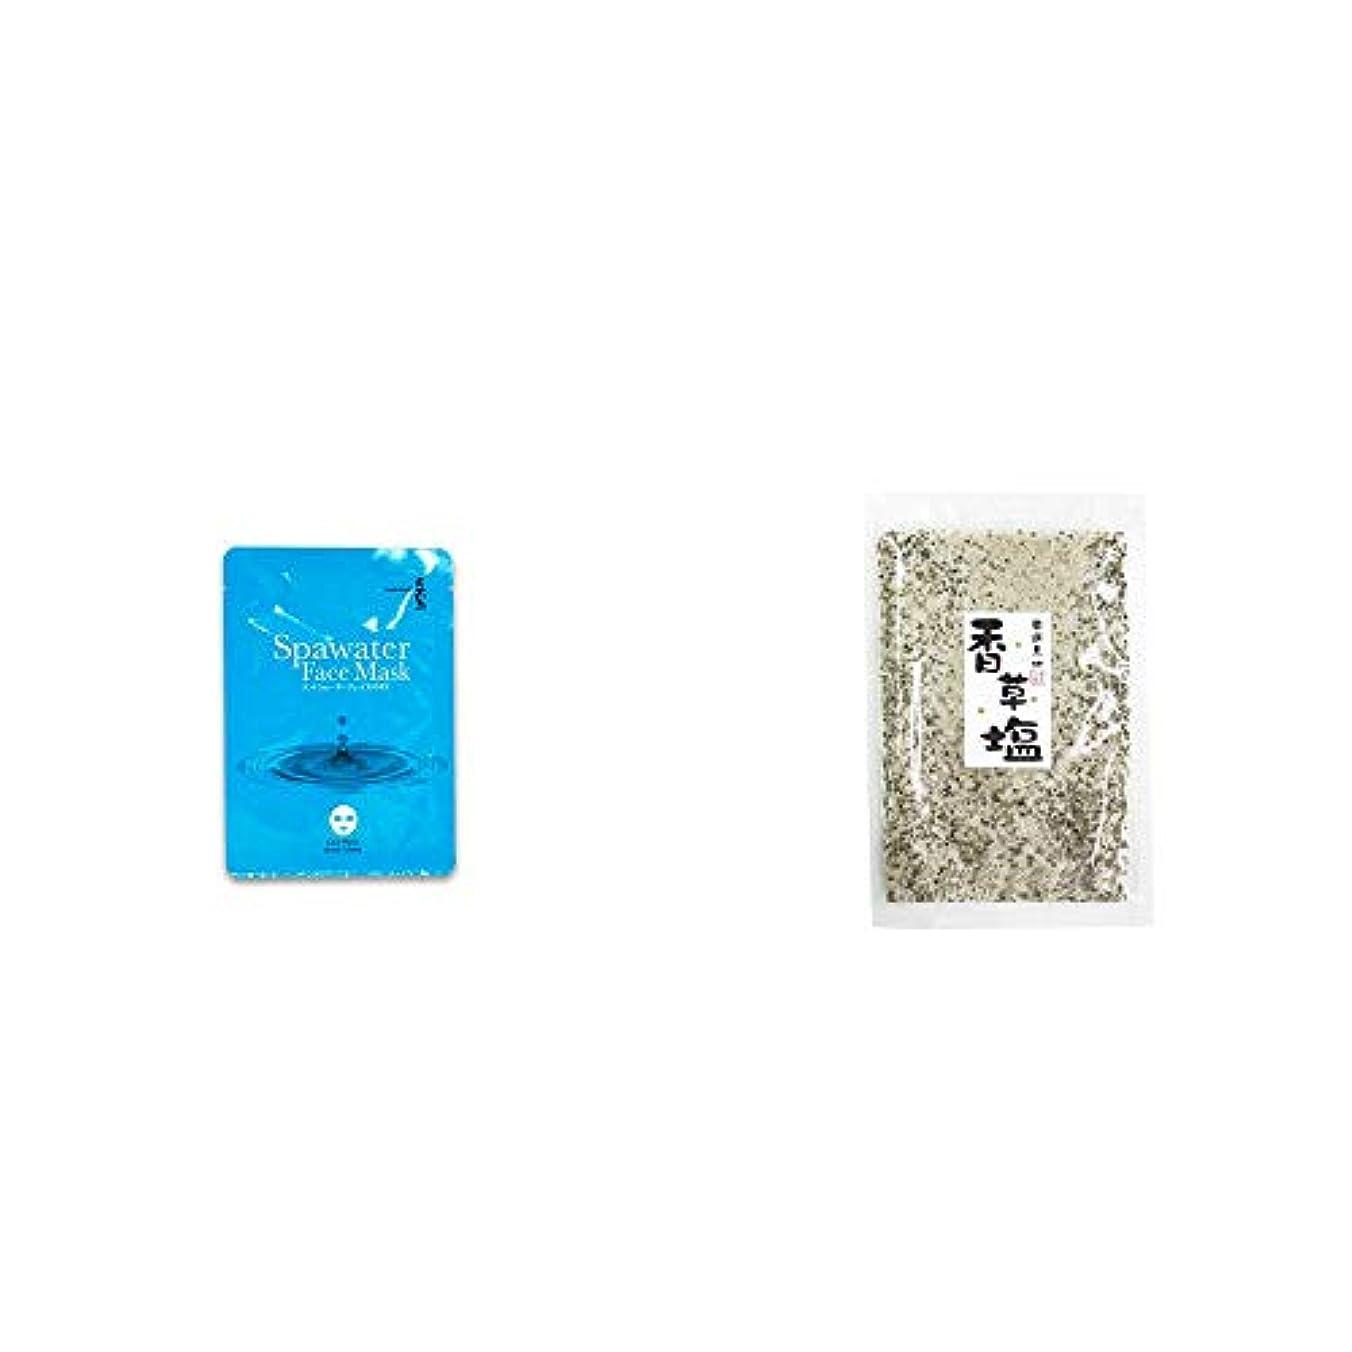 姪レタッチ大西洋[2点セット] ひのき炭黒泉 スパウォーターフェイスマスク(18ml×3枚入)?香草塩 [袋タイプ](100g)